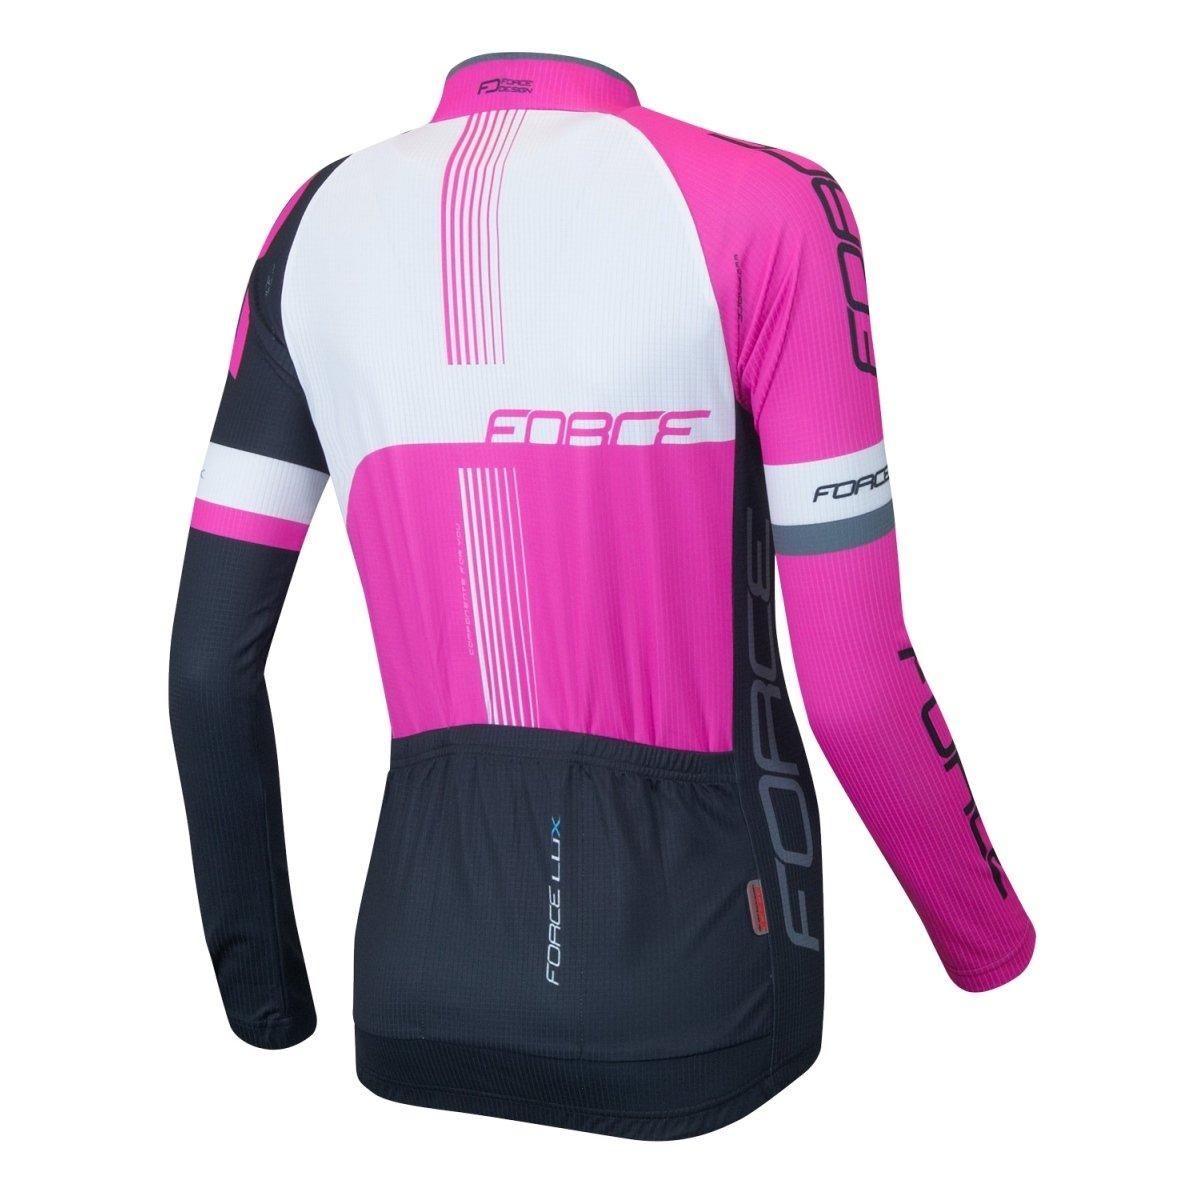 Force Lux langærmet jersey kvinde Pink/Hvid/Sort - 299,00 : Cykelgear.dk - Cykelgear.dk